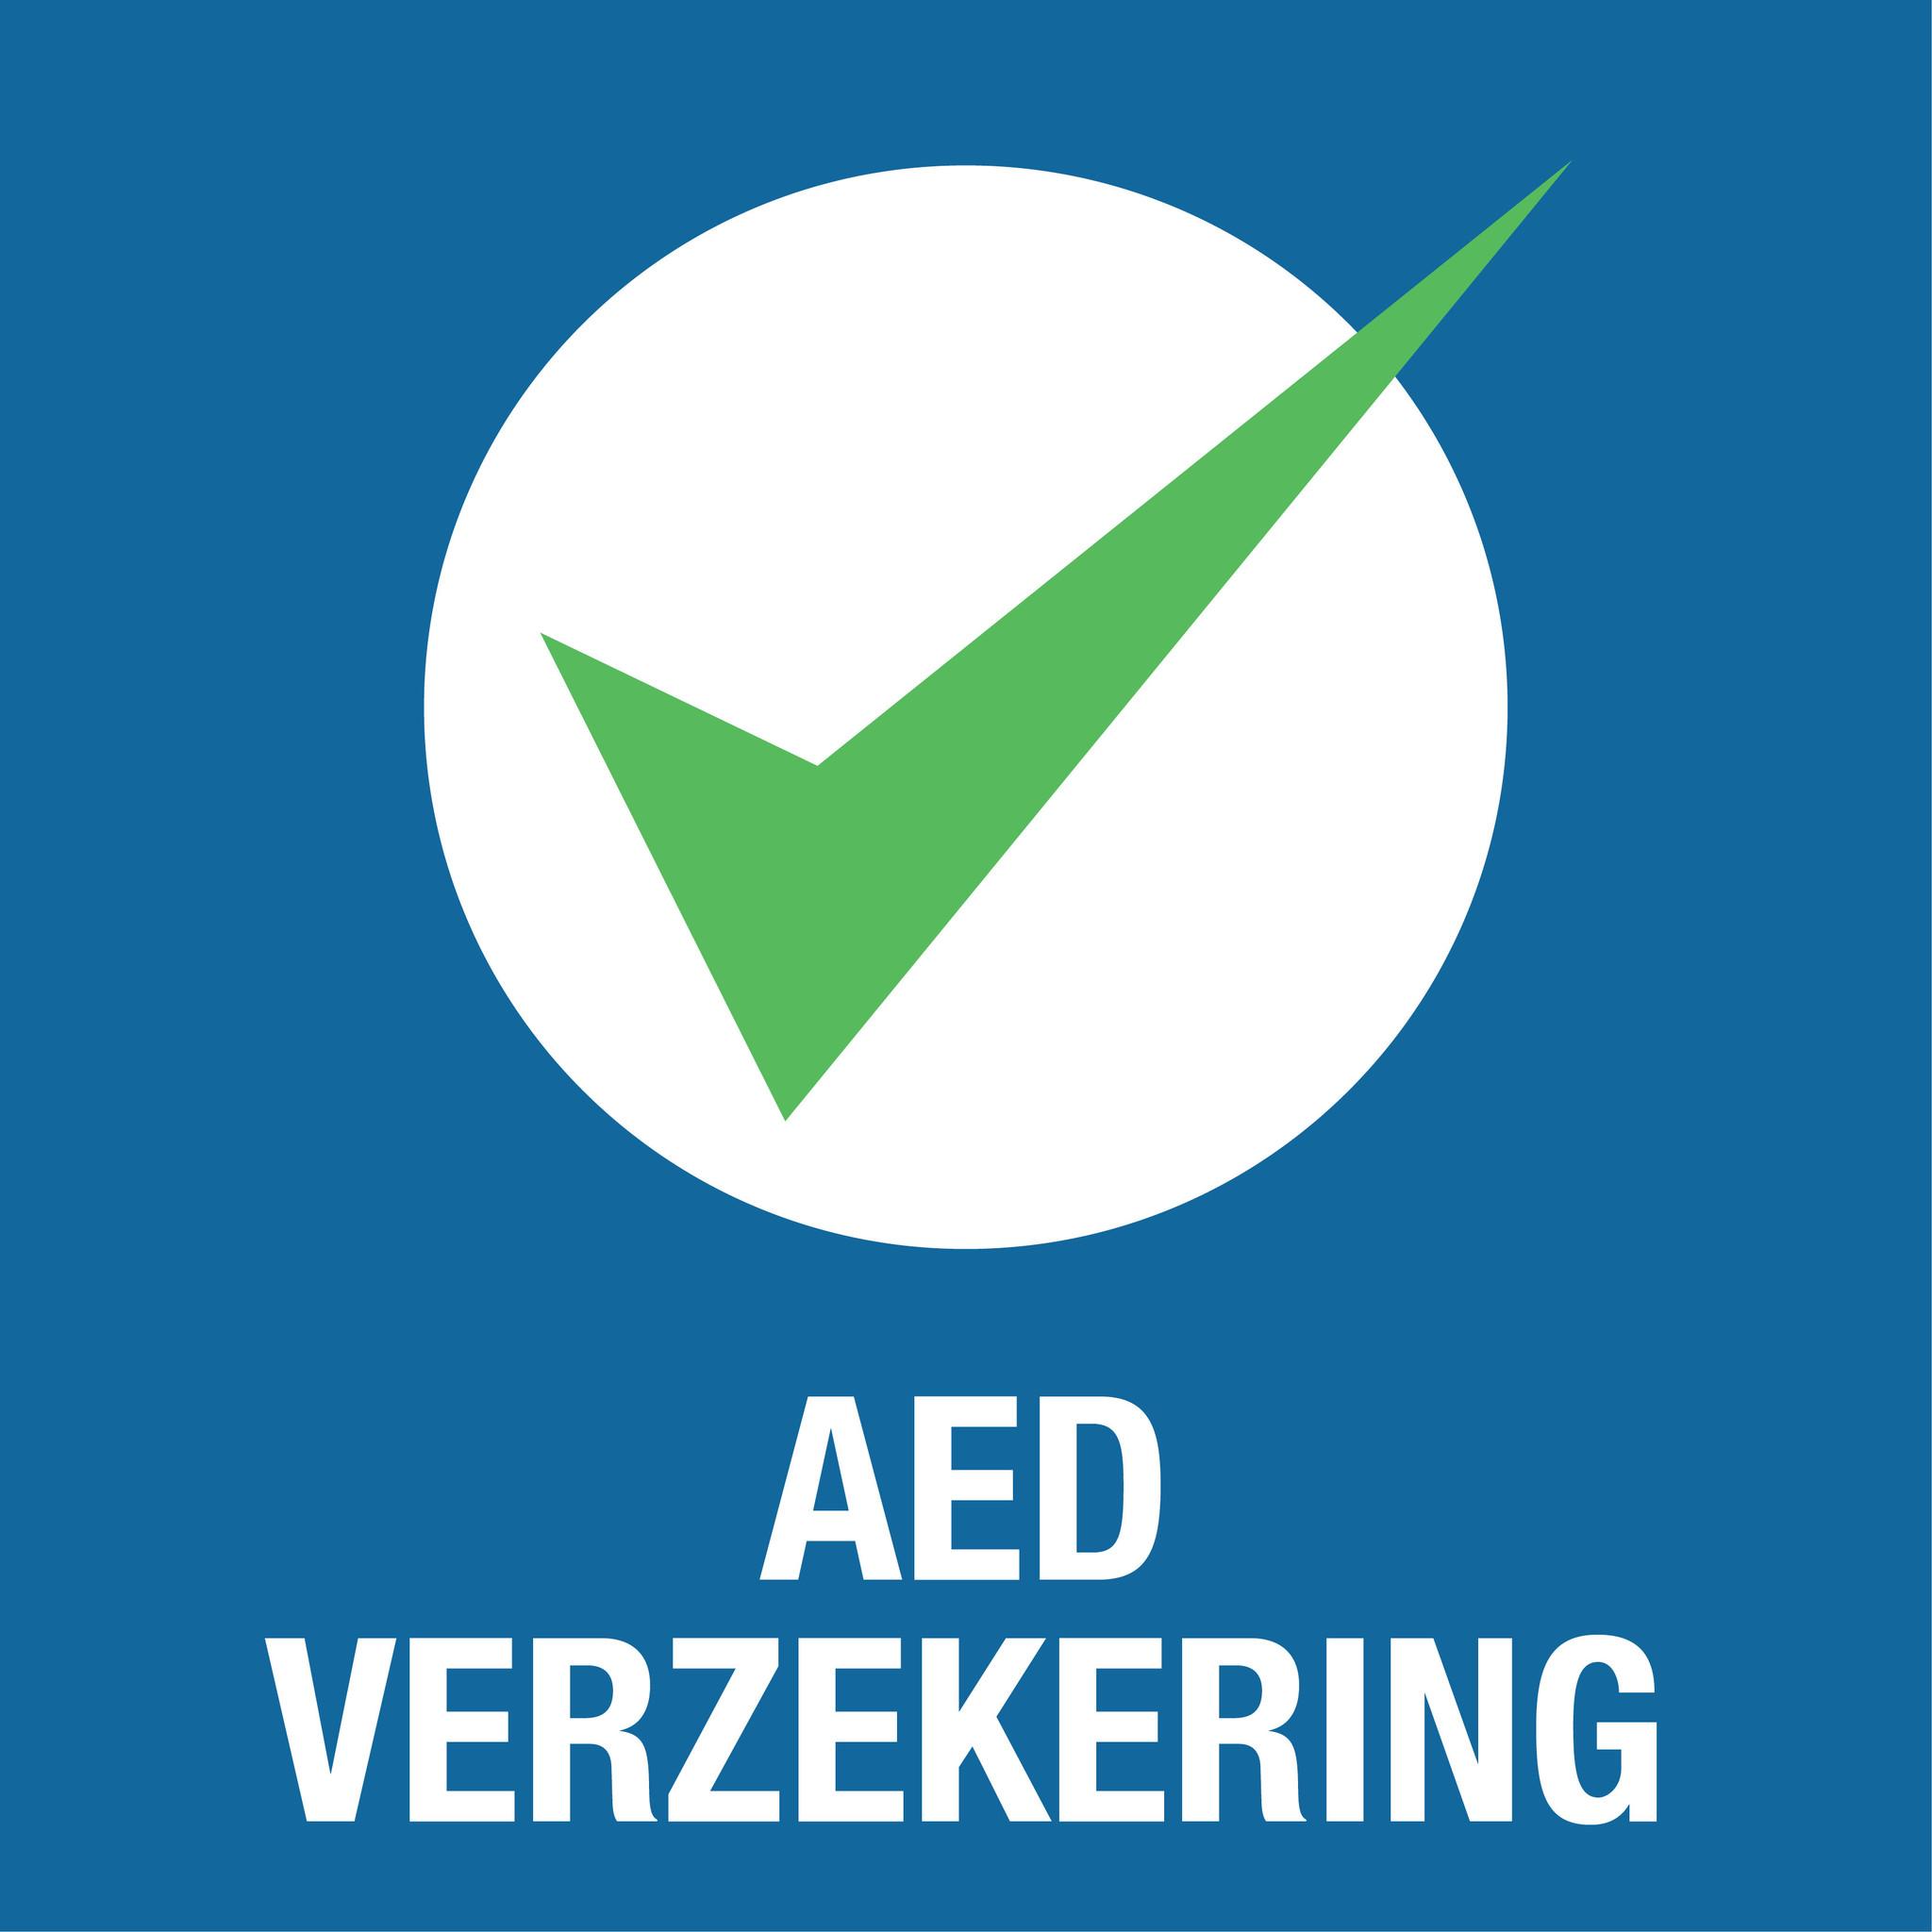 Zorgeloos pakket AED verzekering prijs voor 4 jaar-1